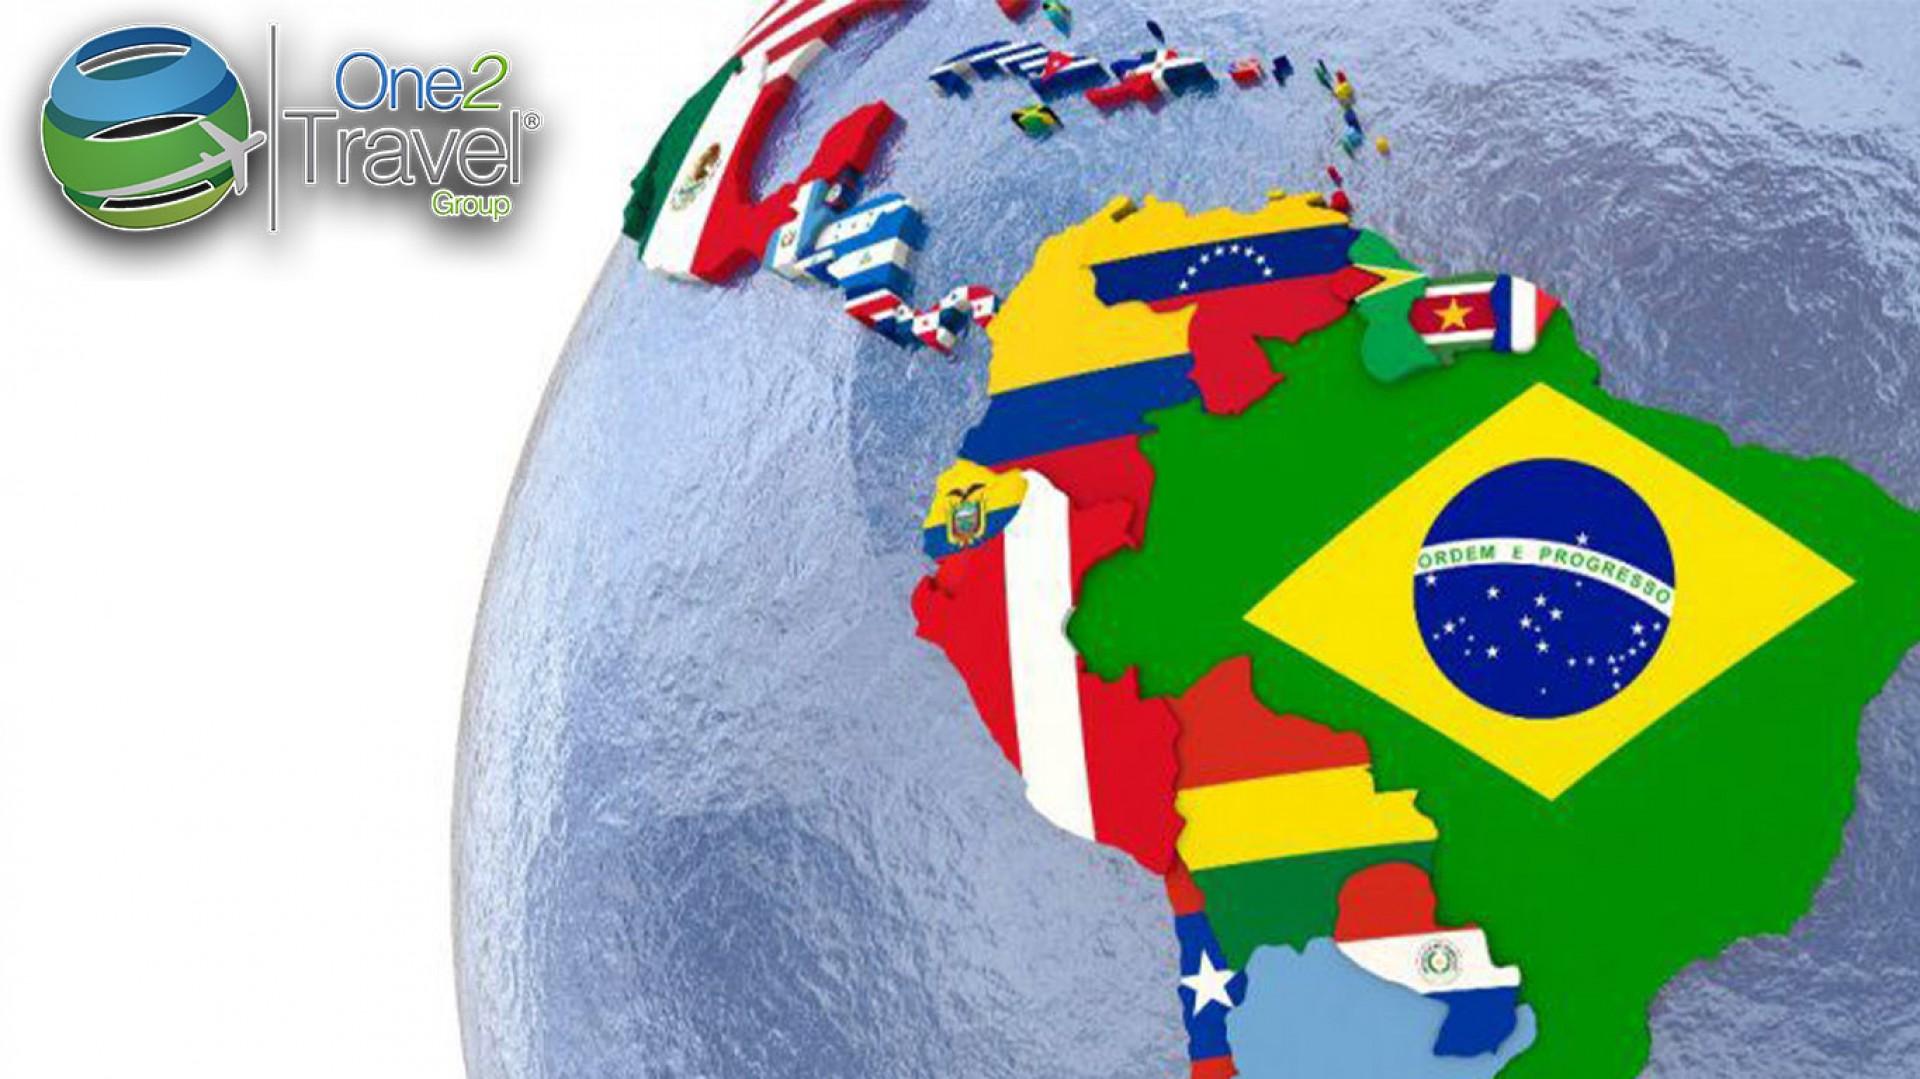 Latinoamérica: ¿Qué países recuperaron su transporte aéreo y cuáles no?